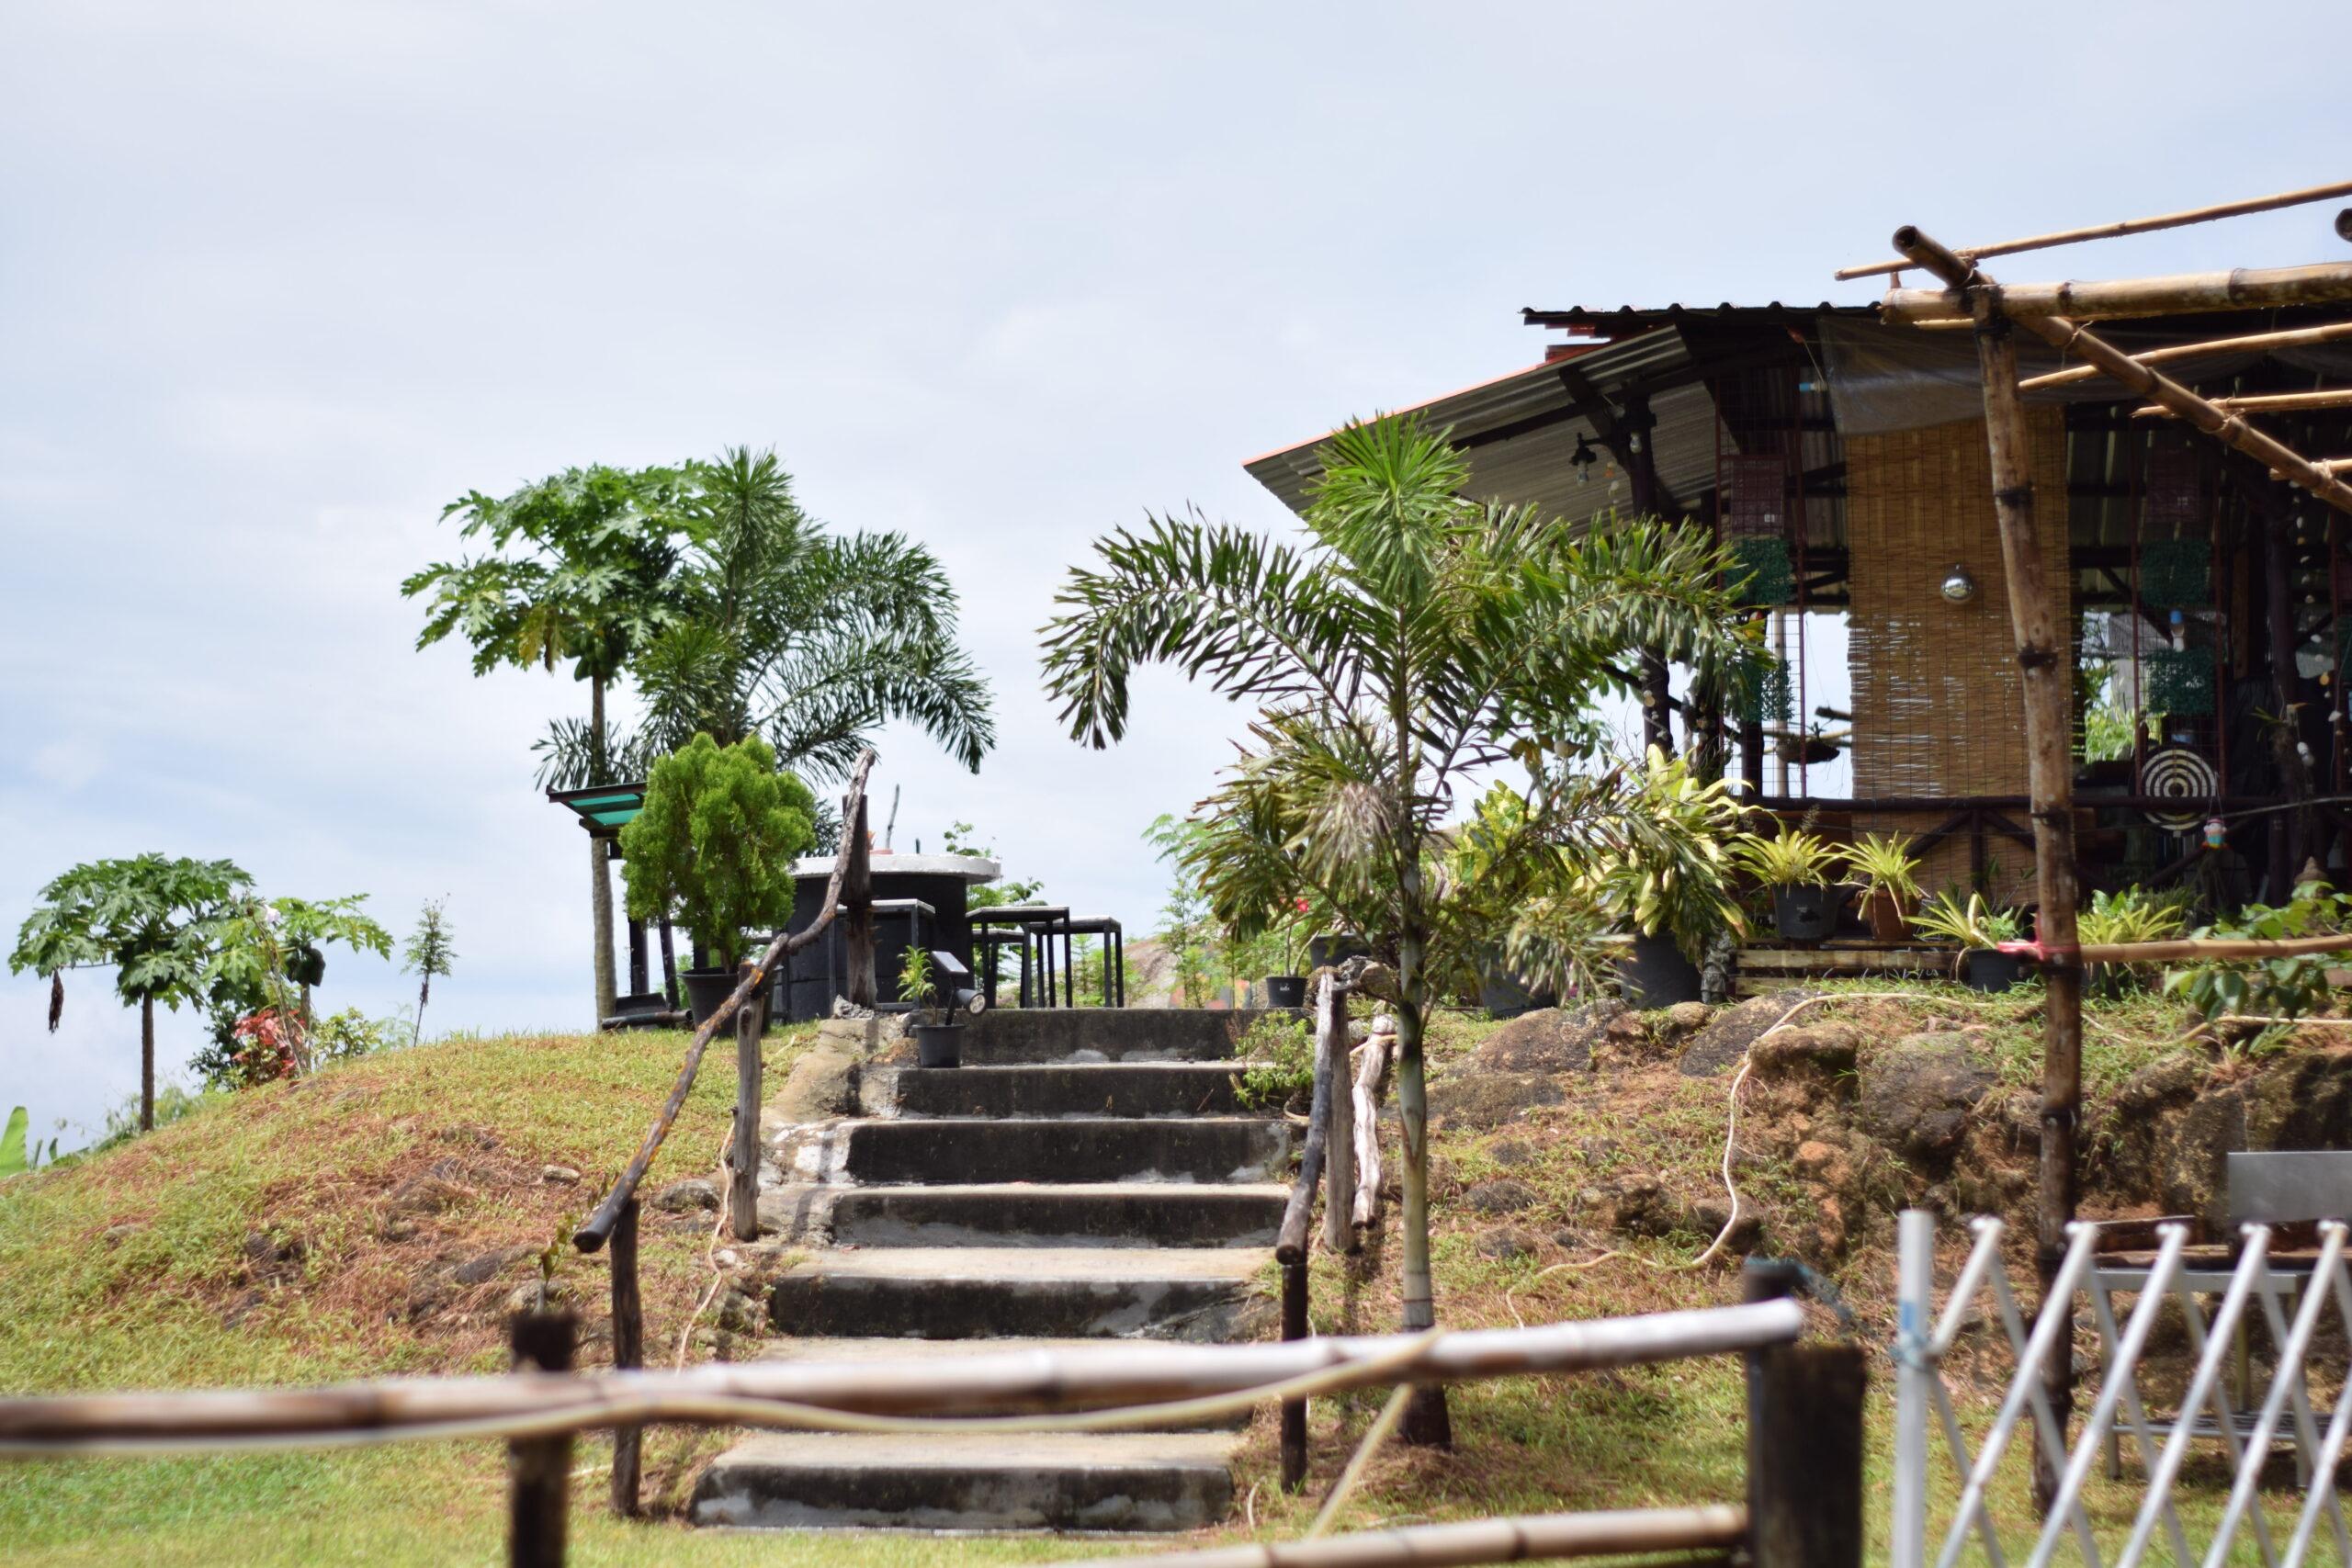 dsc 0053 scaled - Куда ехать в Таиланде тем, кто не любит пляжный отдых? Главные достопримечательности севера страны